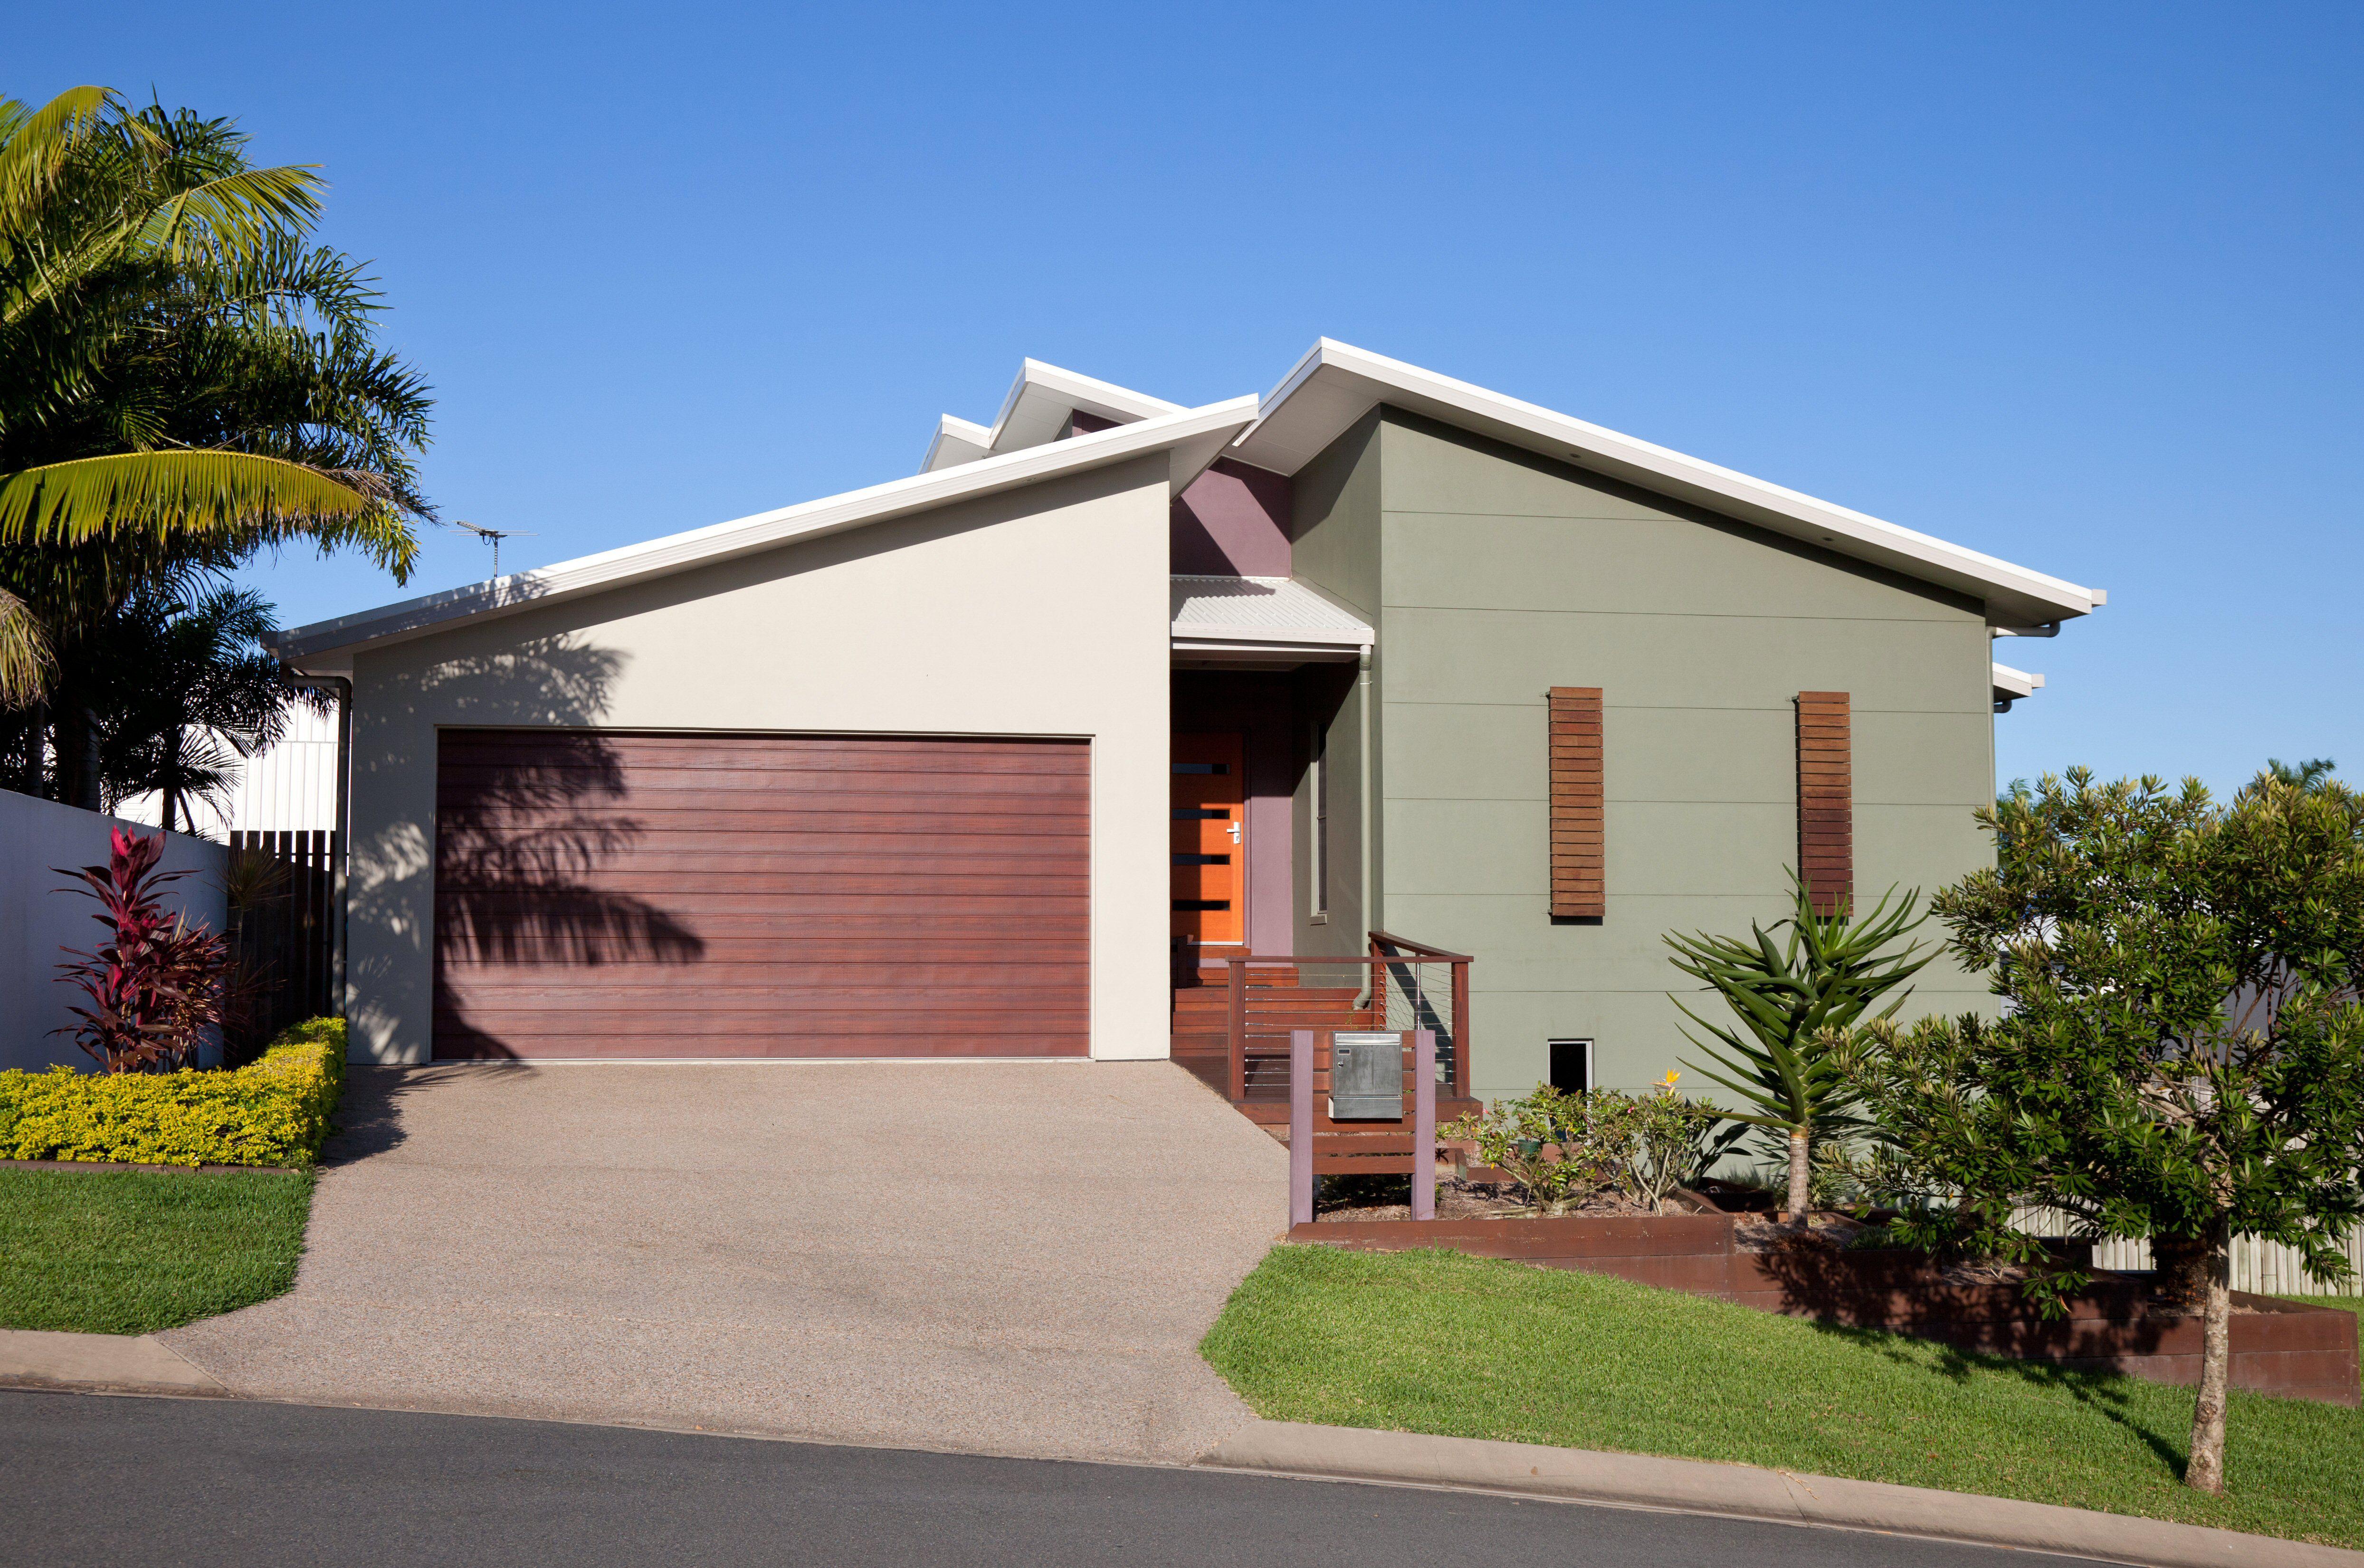 casa moderna de estuco de color verde musgo con largas ventanas de persianas rojizas con garaje inclinado para dos autos con techo inclinado de un color más claro pero puerta del mismo color rojizo